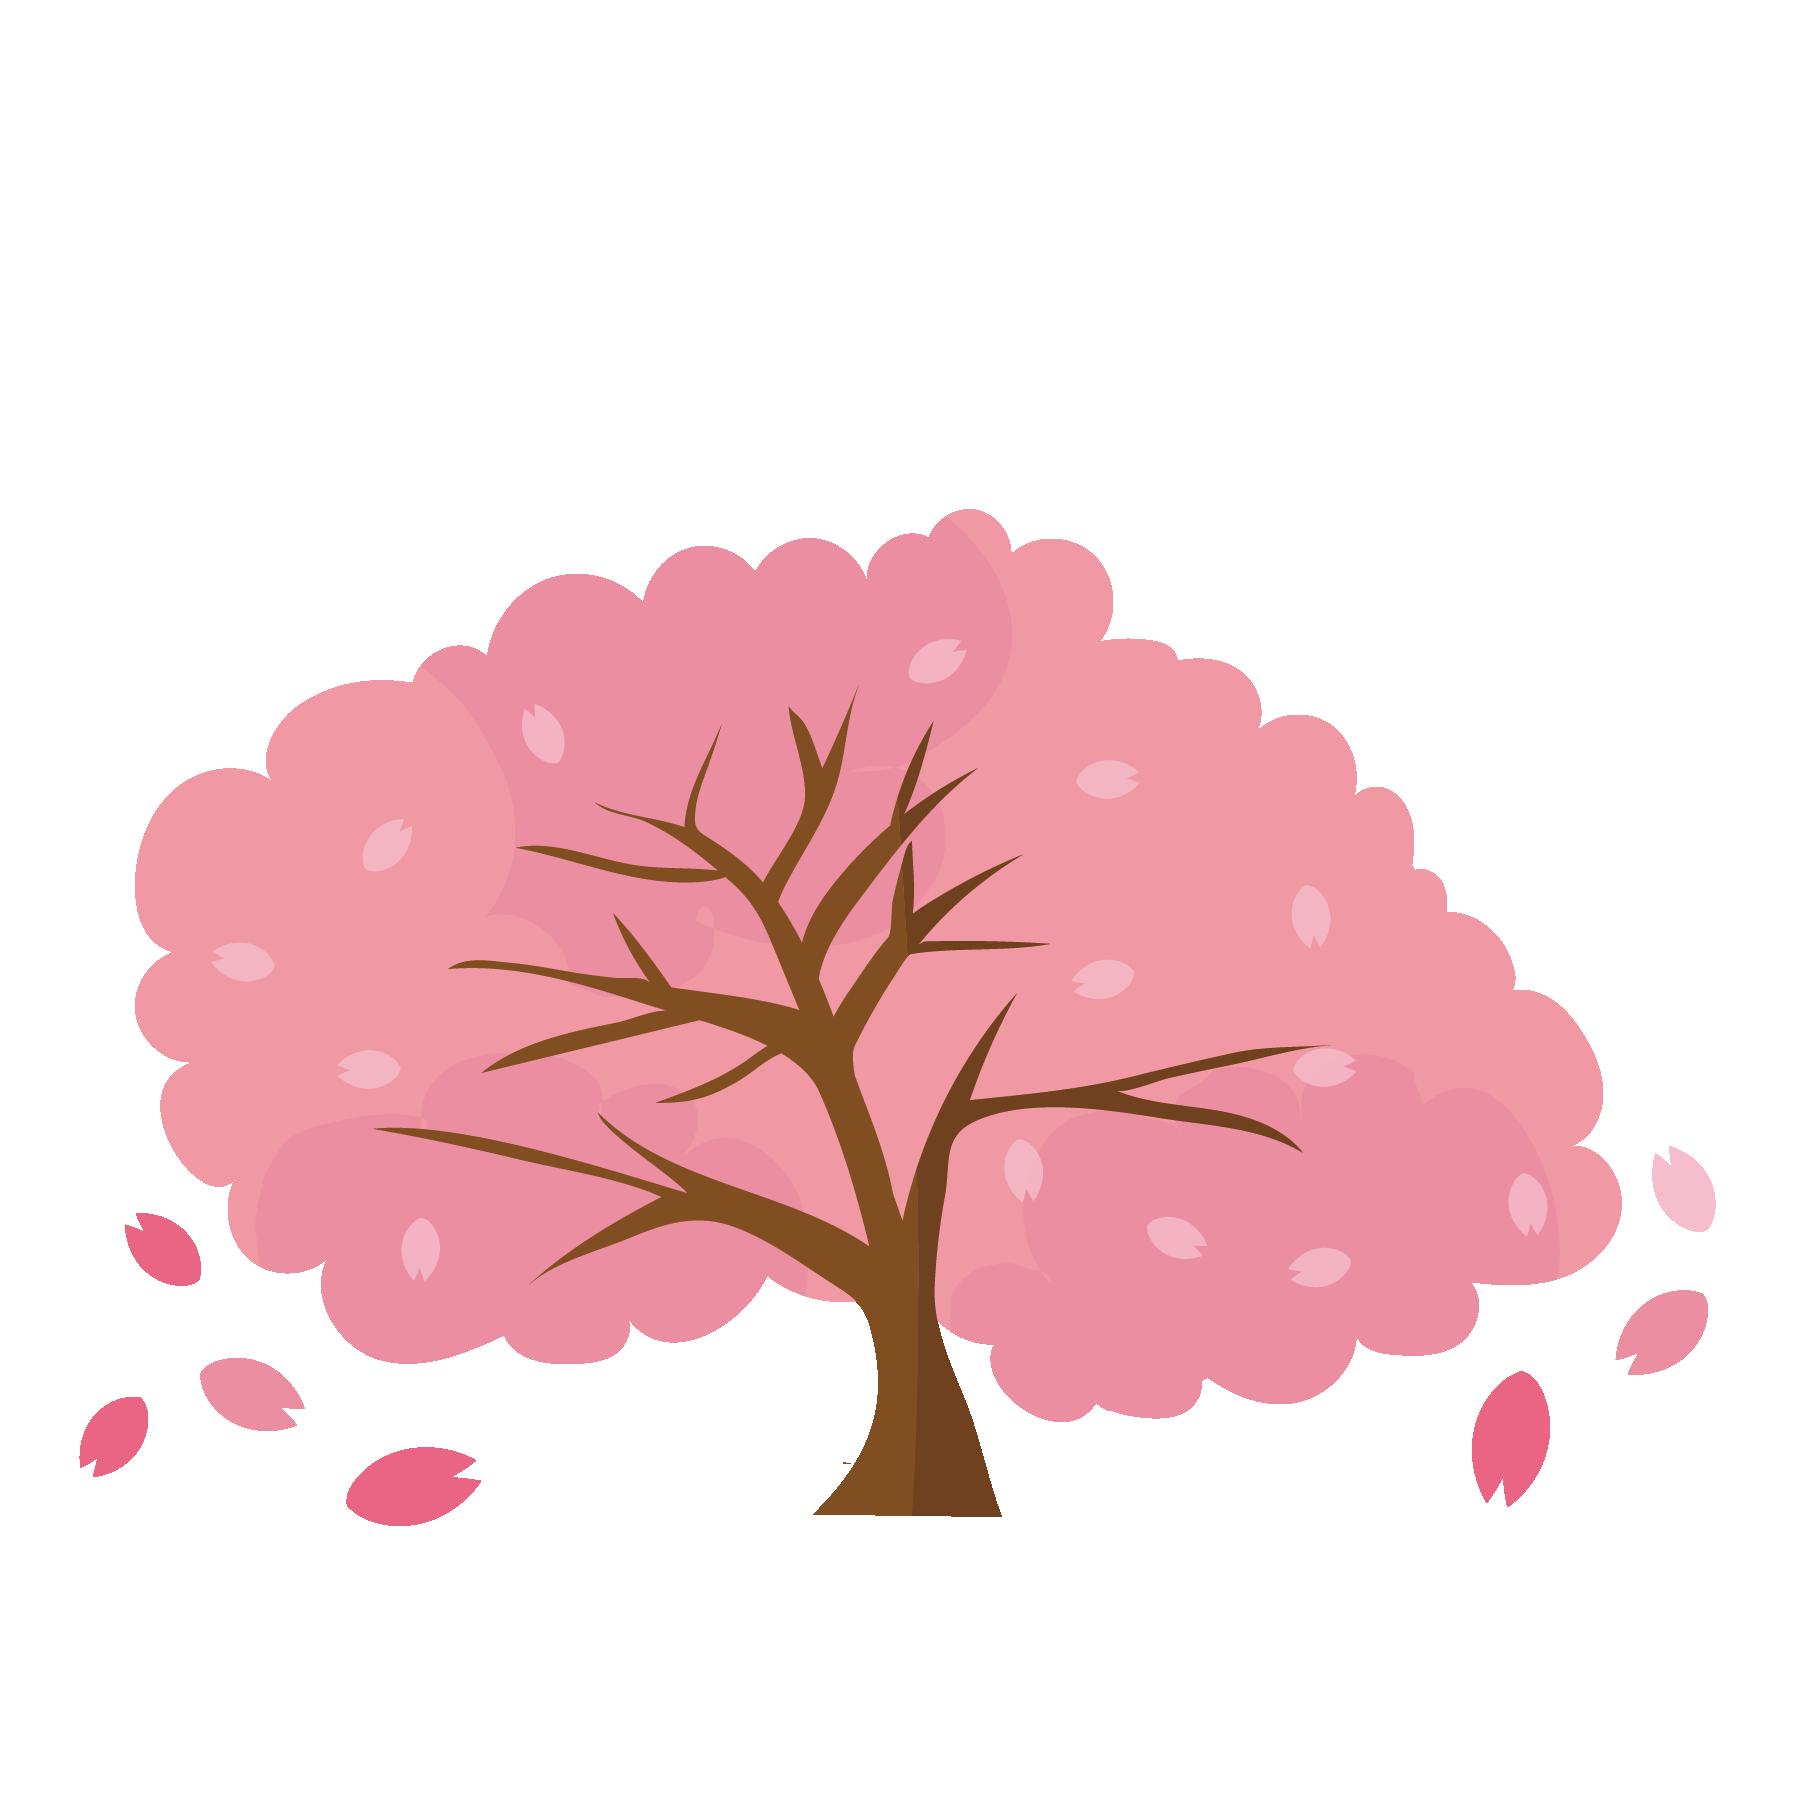 桜さくらサクラの木のイラストお花見 商用フリー無料の